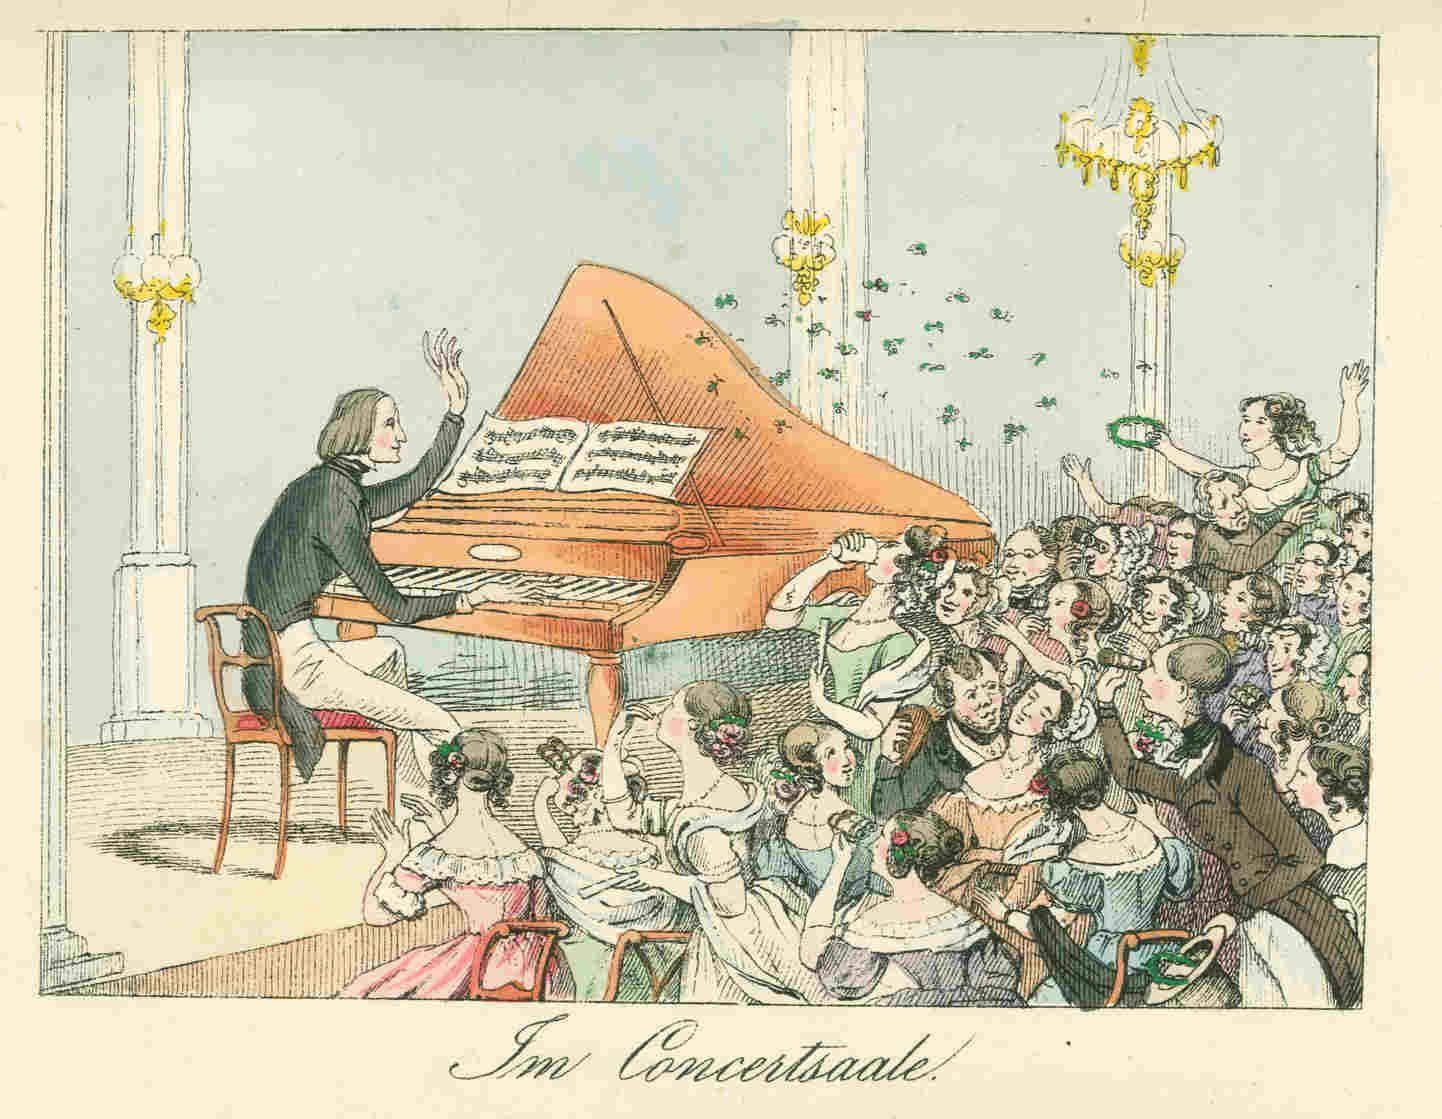 """Un 22 de octubre de hace 202 años, en 1811, nació en Raiding (Hungría), el compositor, director y pianista Franz Liszt, una de las personalidades más importantes de su tiempo y precursor del recital para piano. Se convertirá en un fenomeno social comparable a las estrellas del pop y rock actuales, hasta el punto de que su retrato aparecía en camafeos y broches, y sus """"grouppies"""" trataban de hacerse con las tazas donde había bebido o las patas de los pianos que había tocado en algún recital."""